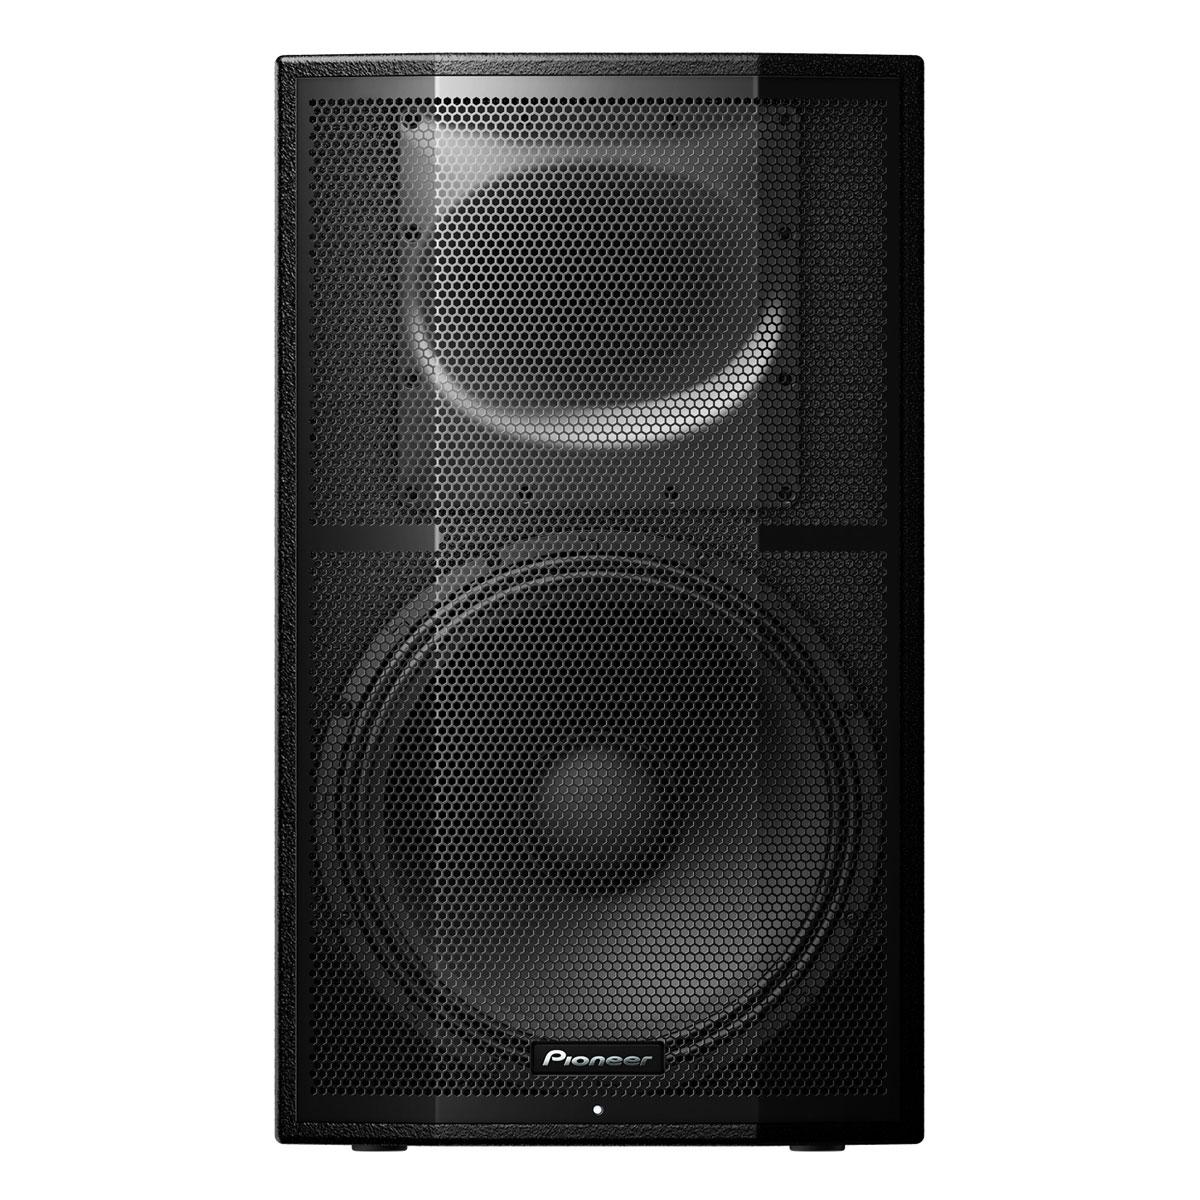 Pioneer DJ パイオニア / XPRS 15 (15インチ 2way フルレンジスピーカー)